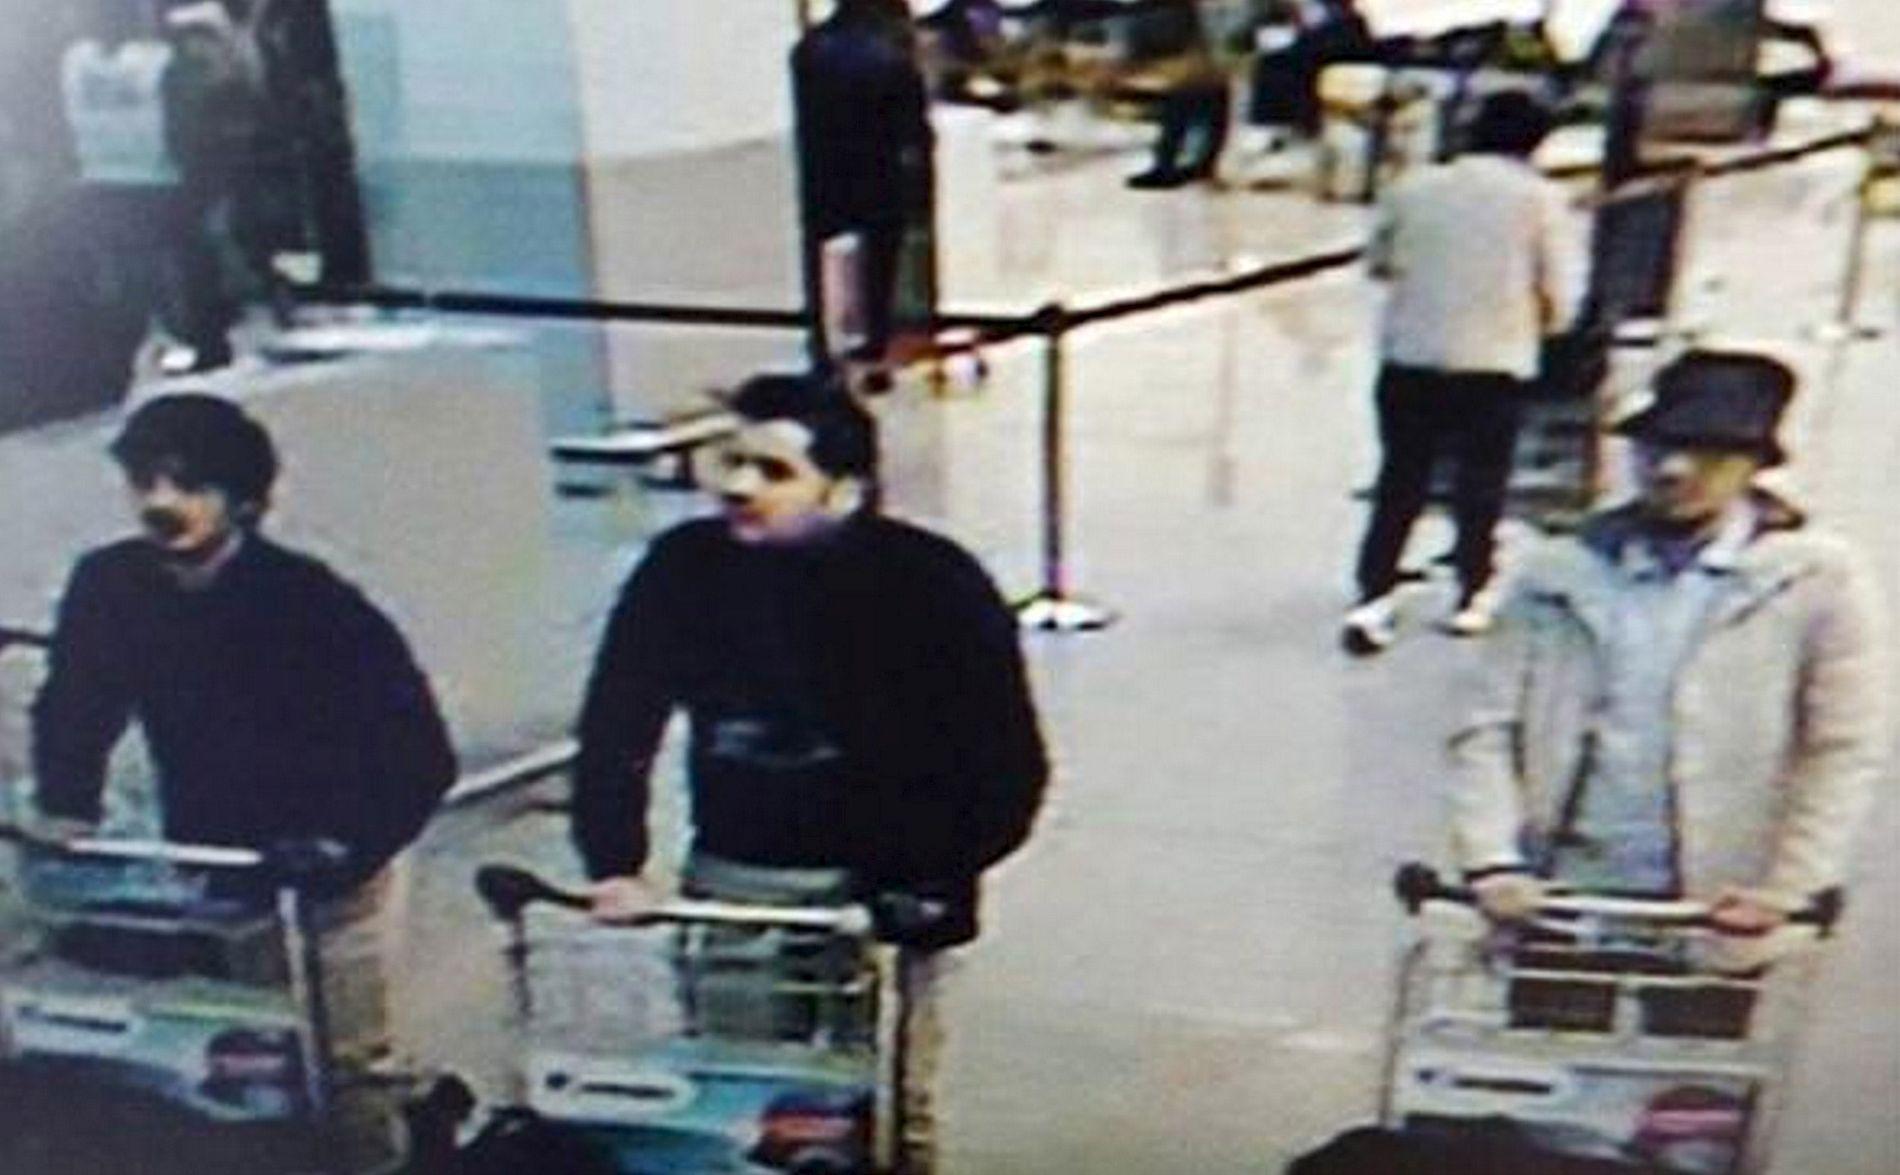 PÅ VEI INN MED BOMBENE: Her er den ukjente mannen med hatt på vei inn på flyplassen med sprengstoffet skjult i tre bager på bagasjetraller.